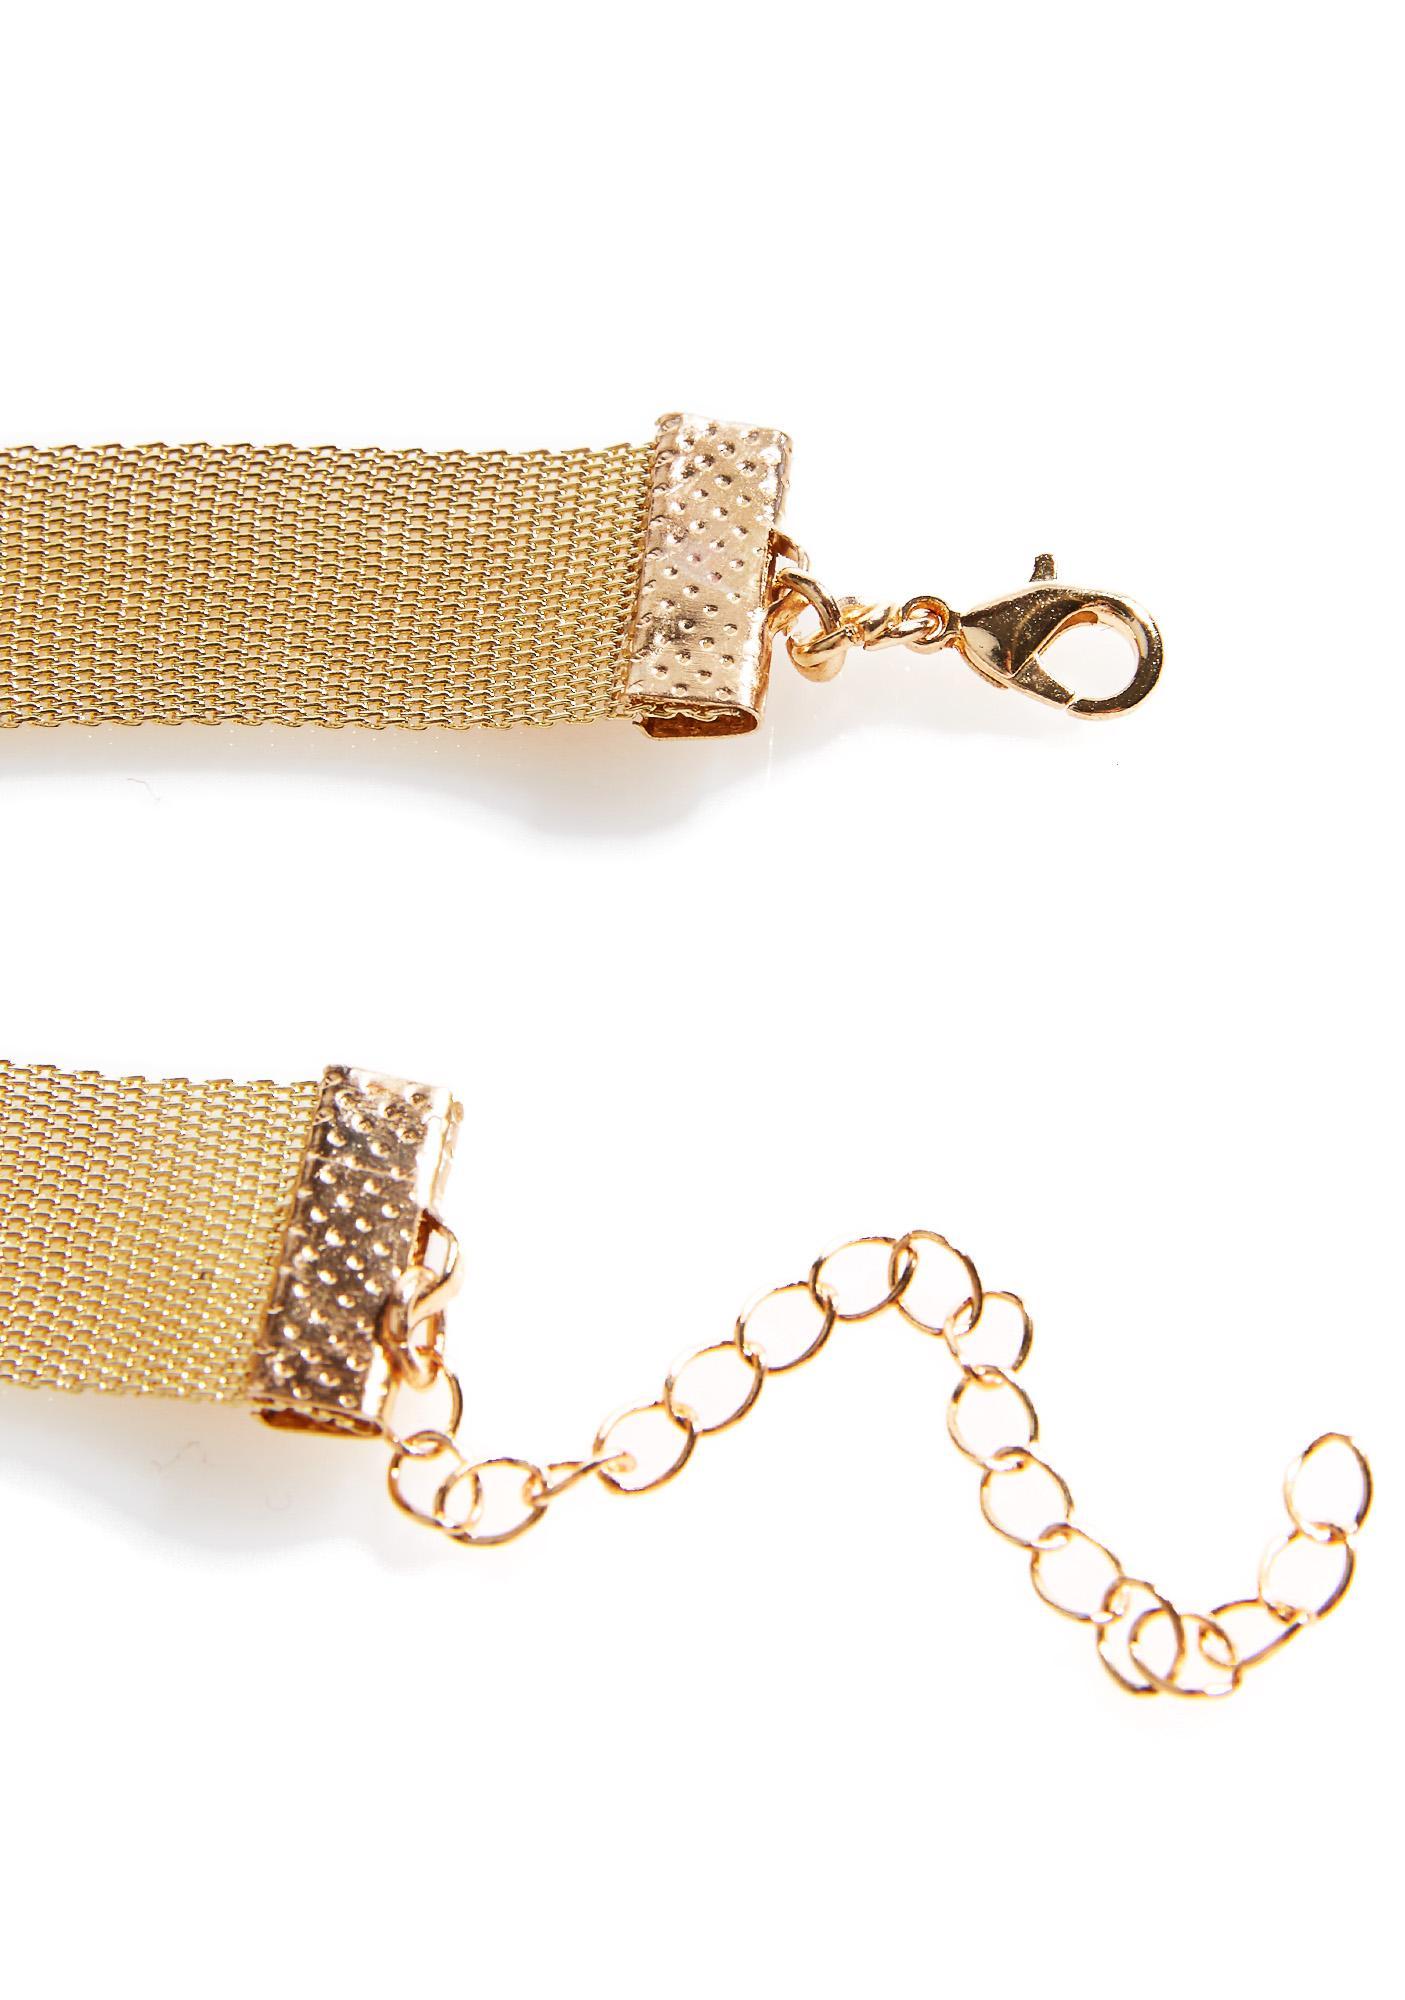 Golden Chainmail Choker